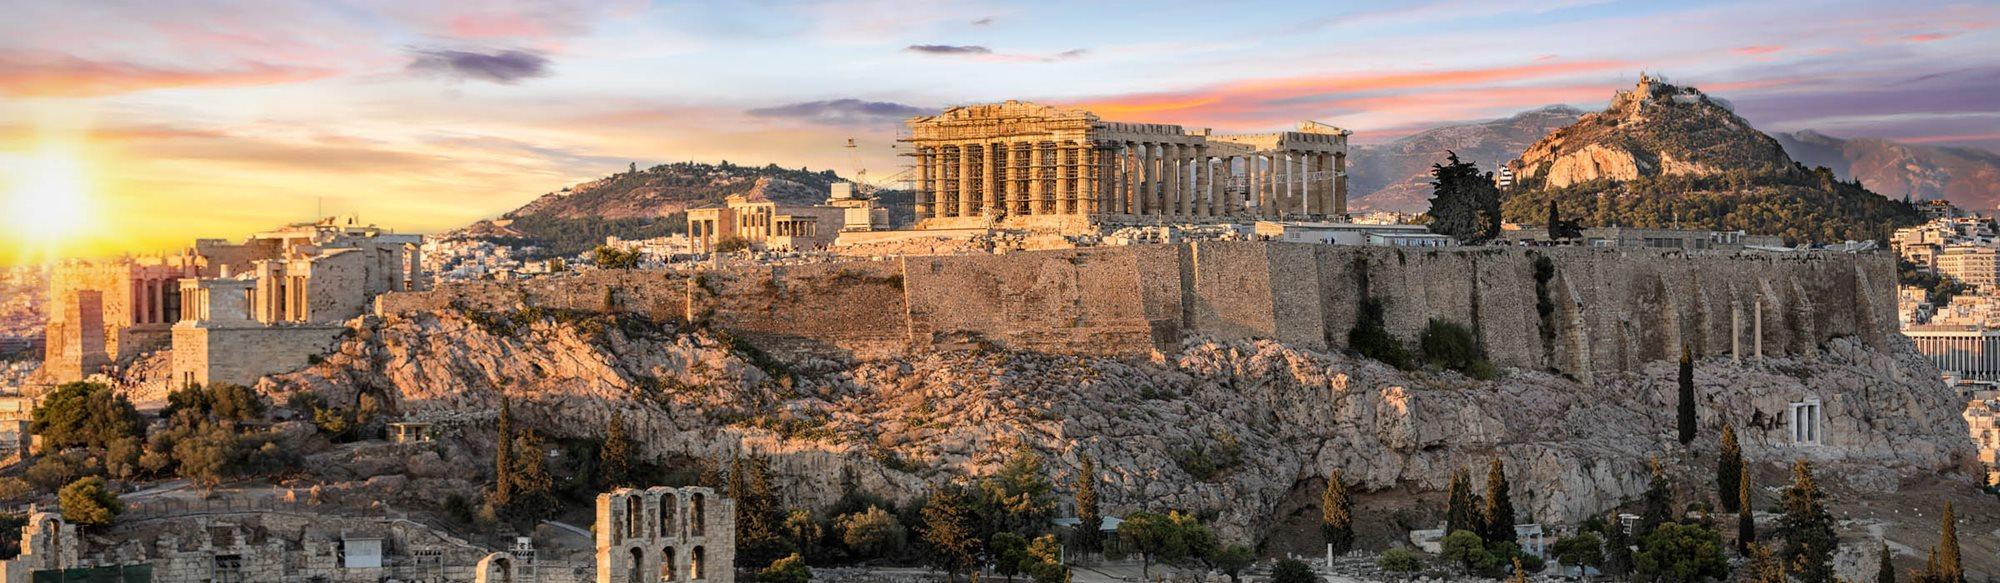 online dating site grækenland